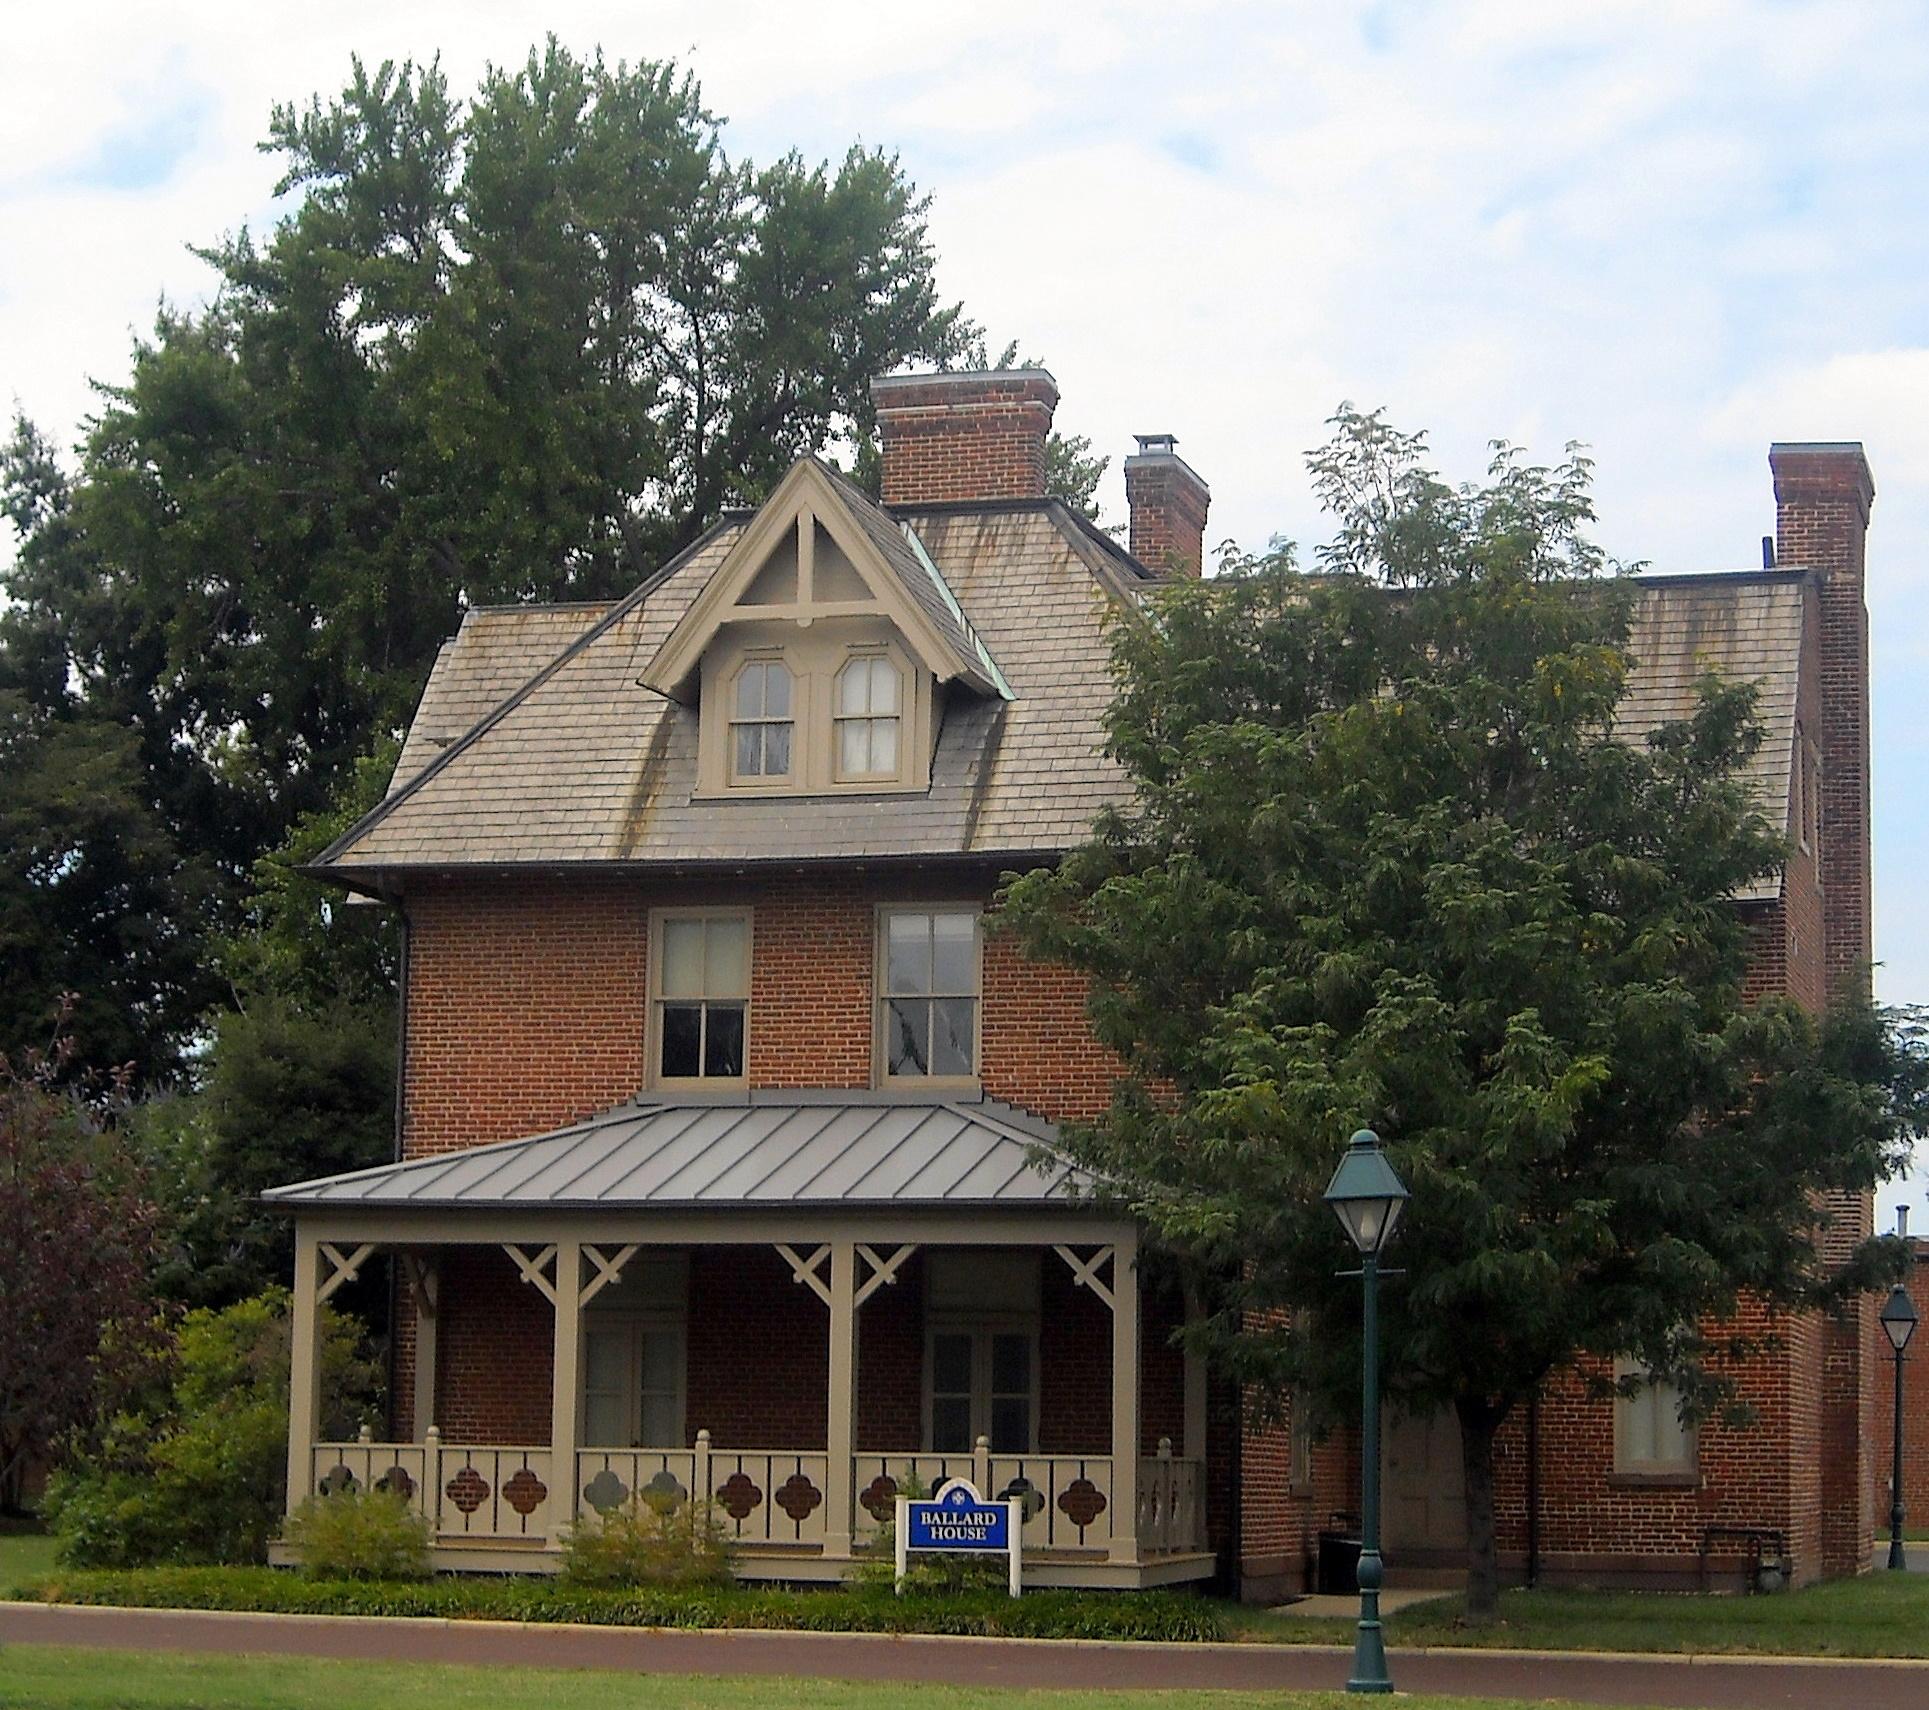 File:Ballard House, Gallaudet University.jpg - Wikimedia ... - photo#19